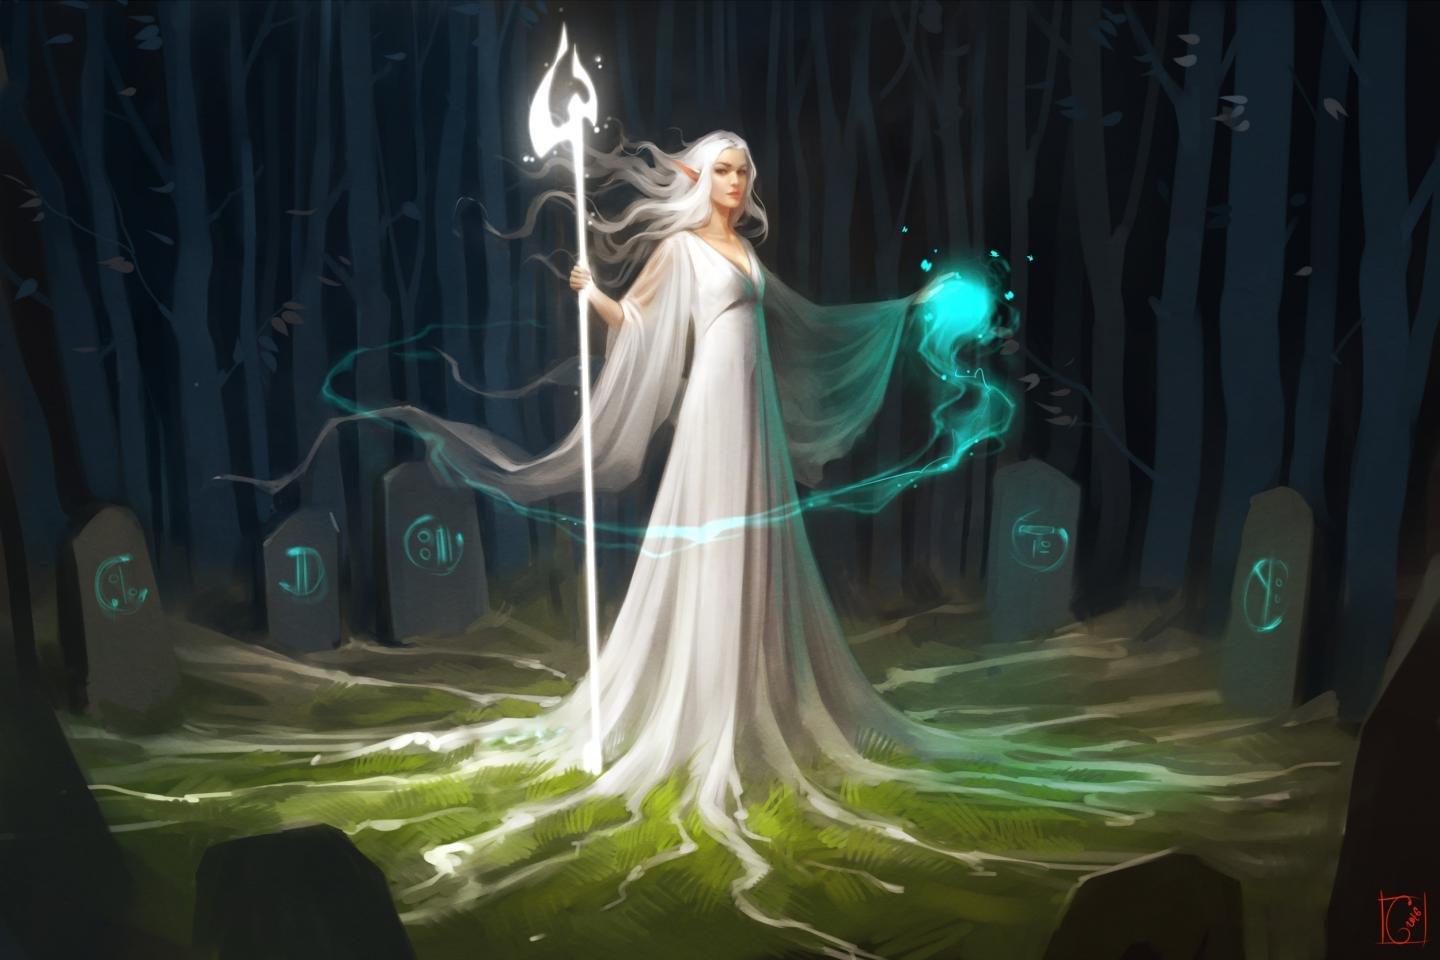 Free Download Elf Wallpaper Id - Elf Magic Fantasy Art - HD Wallpaper